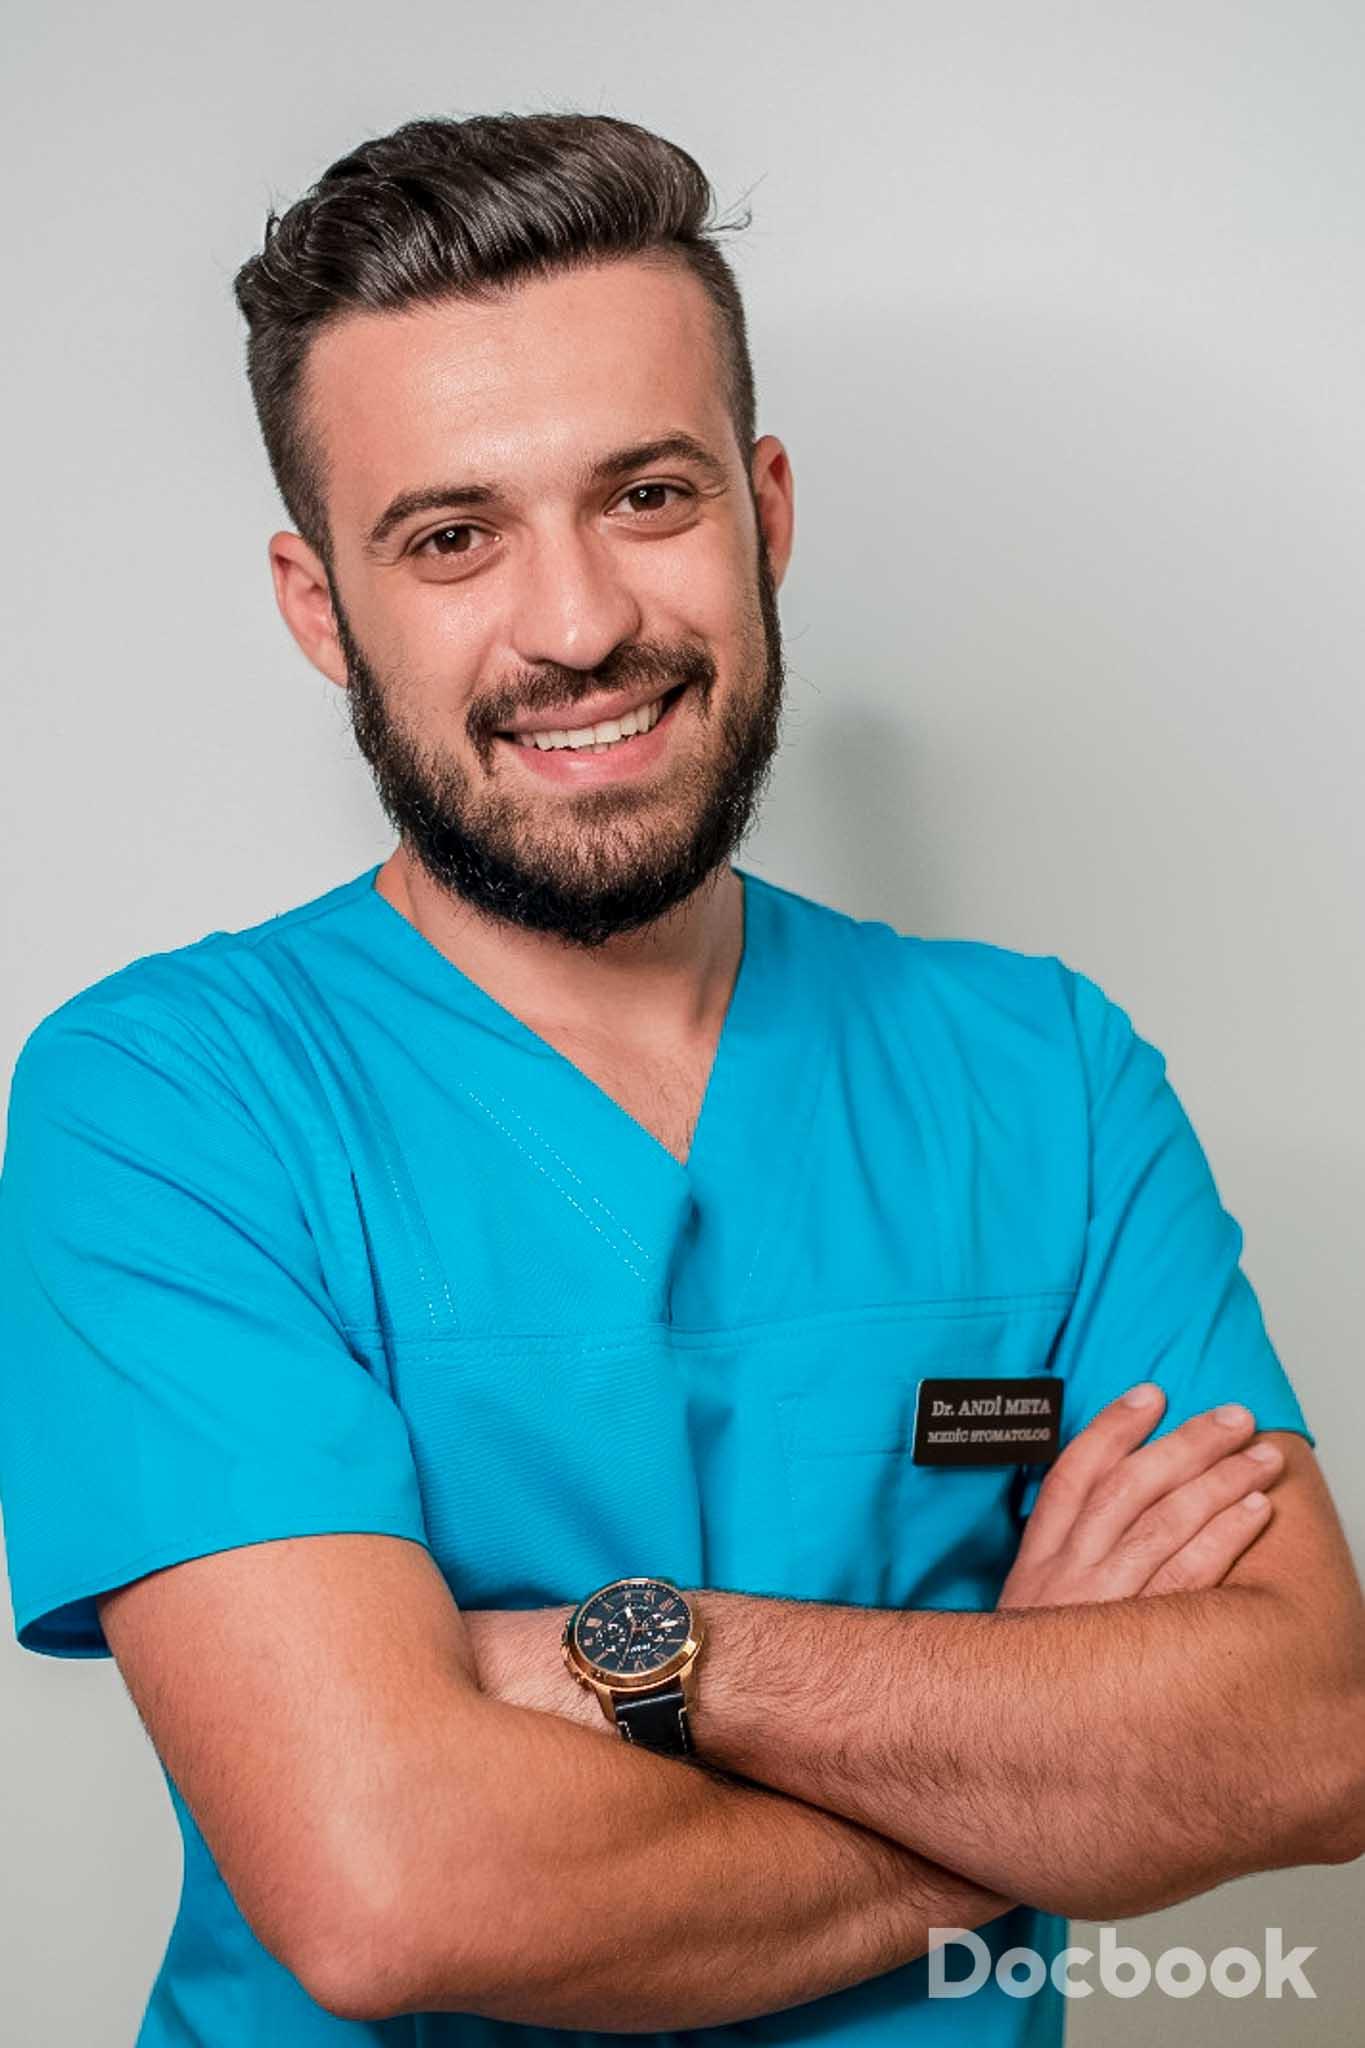 Dr. Andi Meta